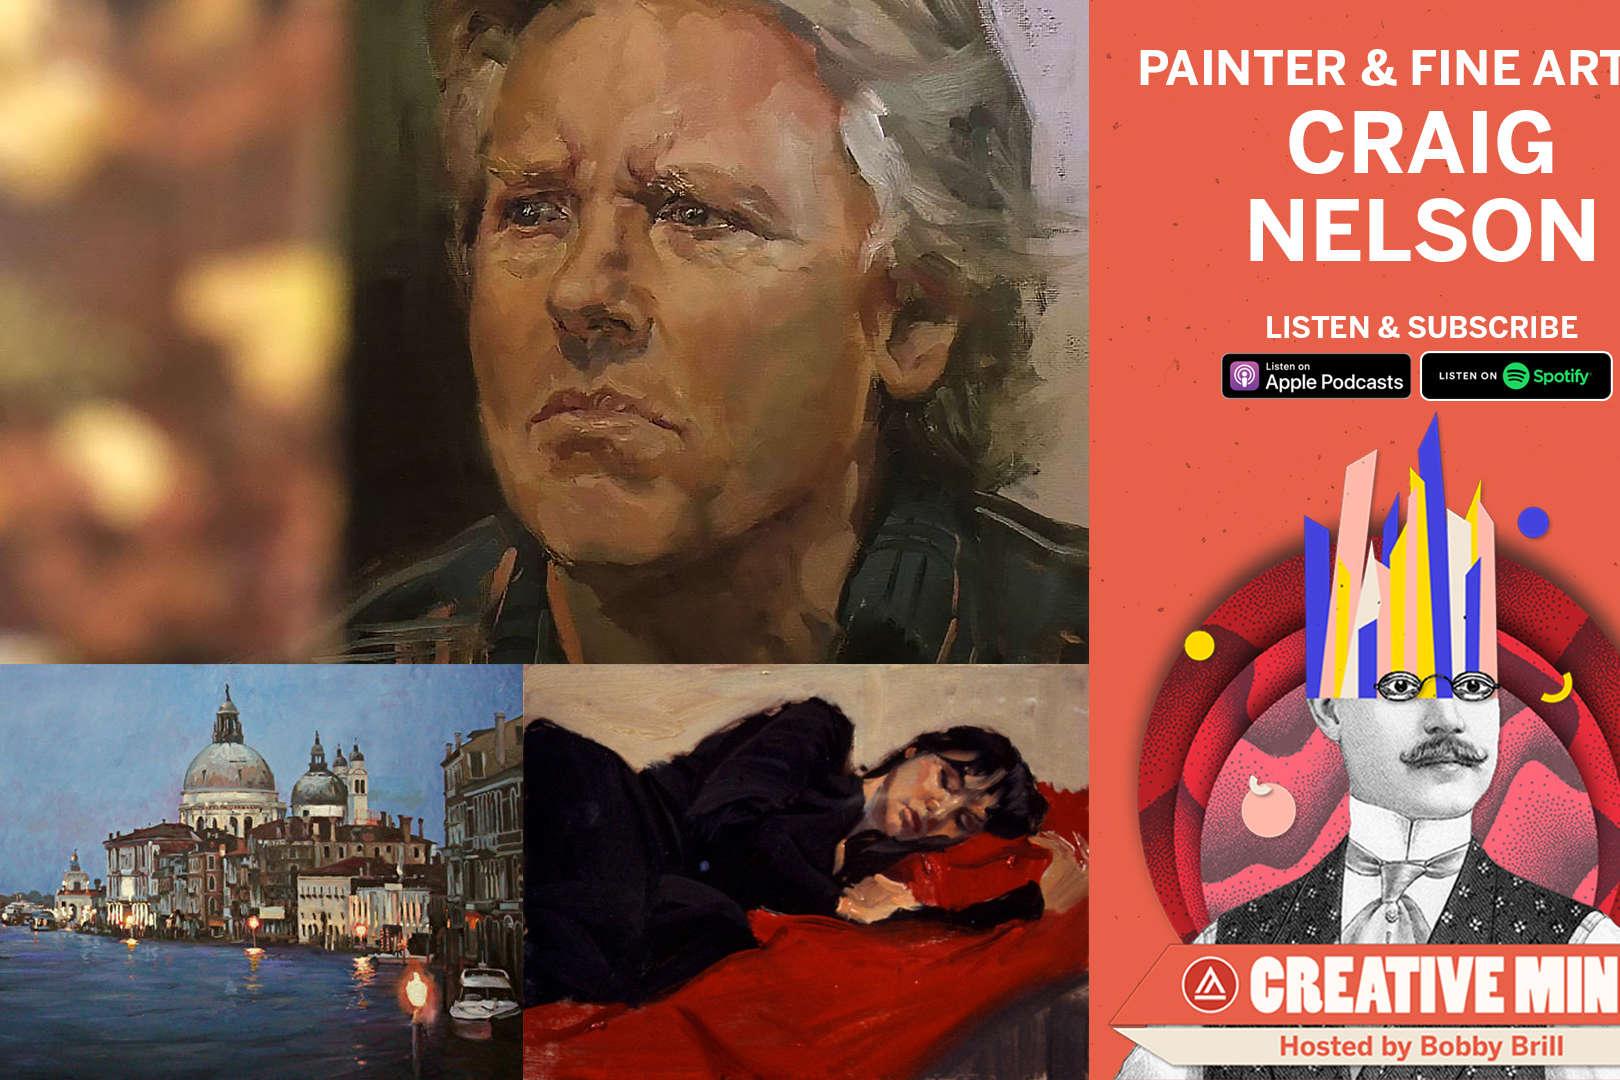 creative mind-Craig Nelson